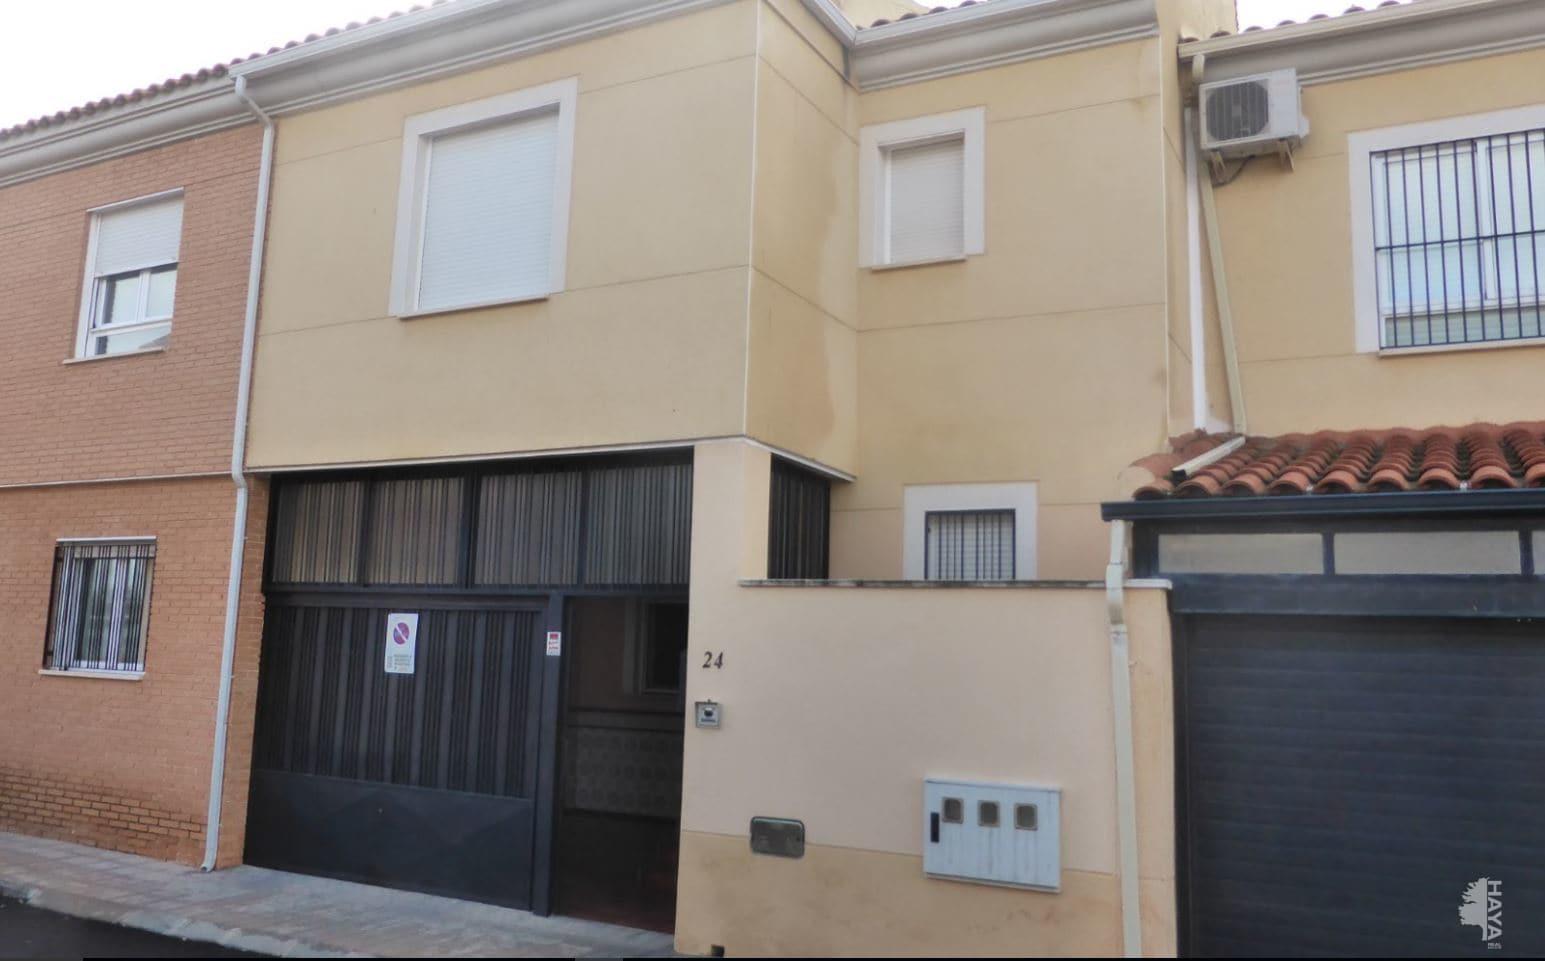 Piso en venta en Argamasilla de Calatrava, Ciudad Real, Calle Manzana, 83.300 €, 3 habitaciones, 3 baños, 121 m2